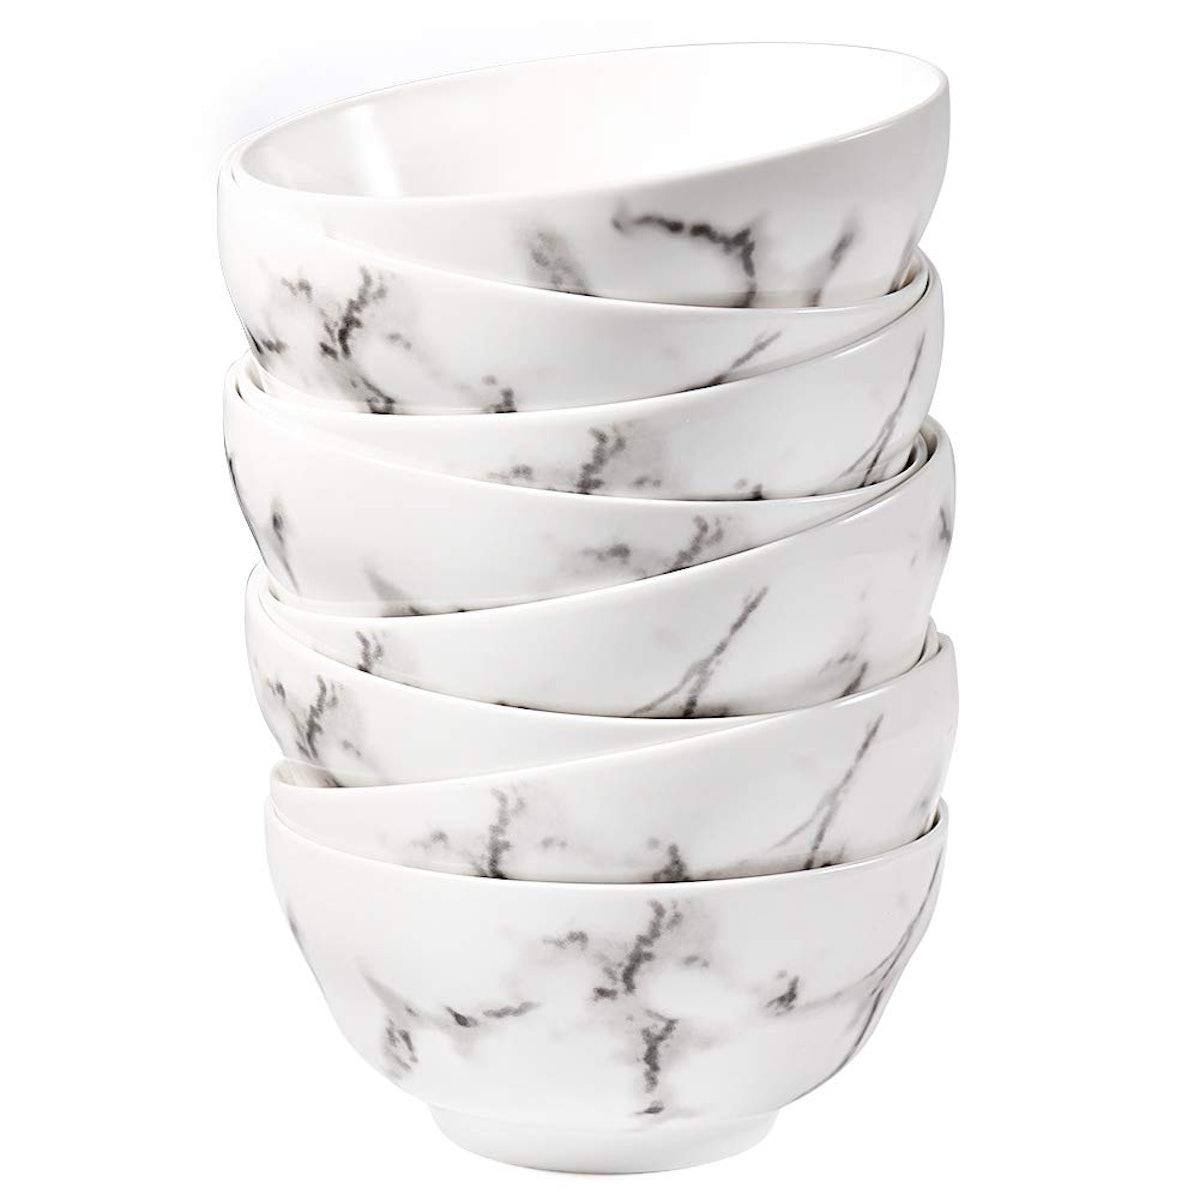 77L Porcelain Soup Bowls (Set of 8)